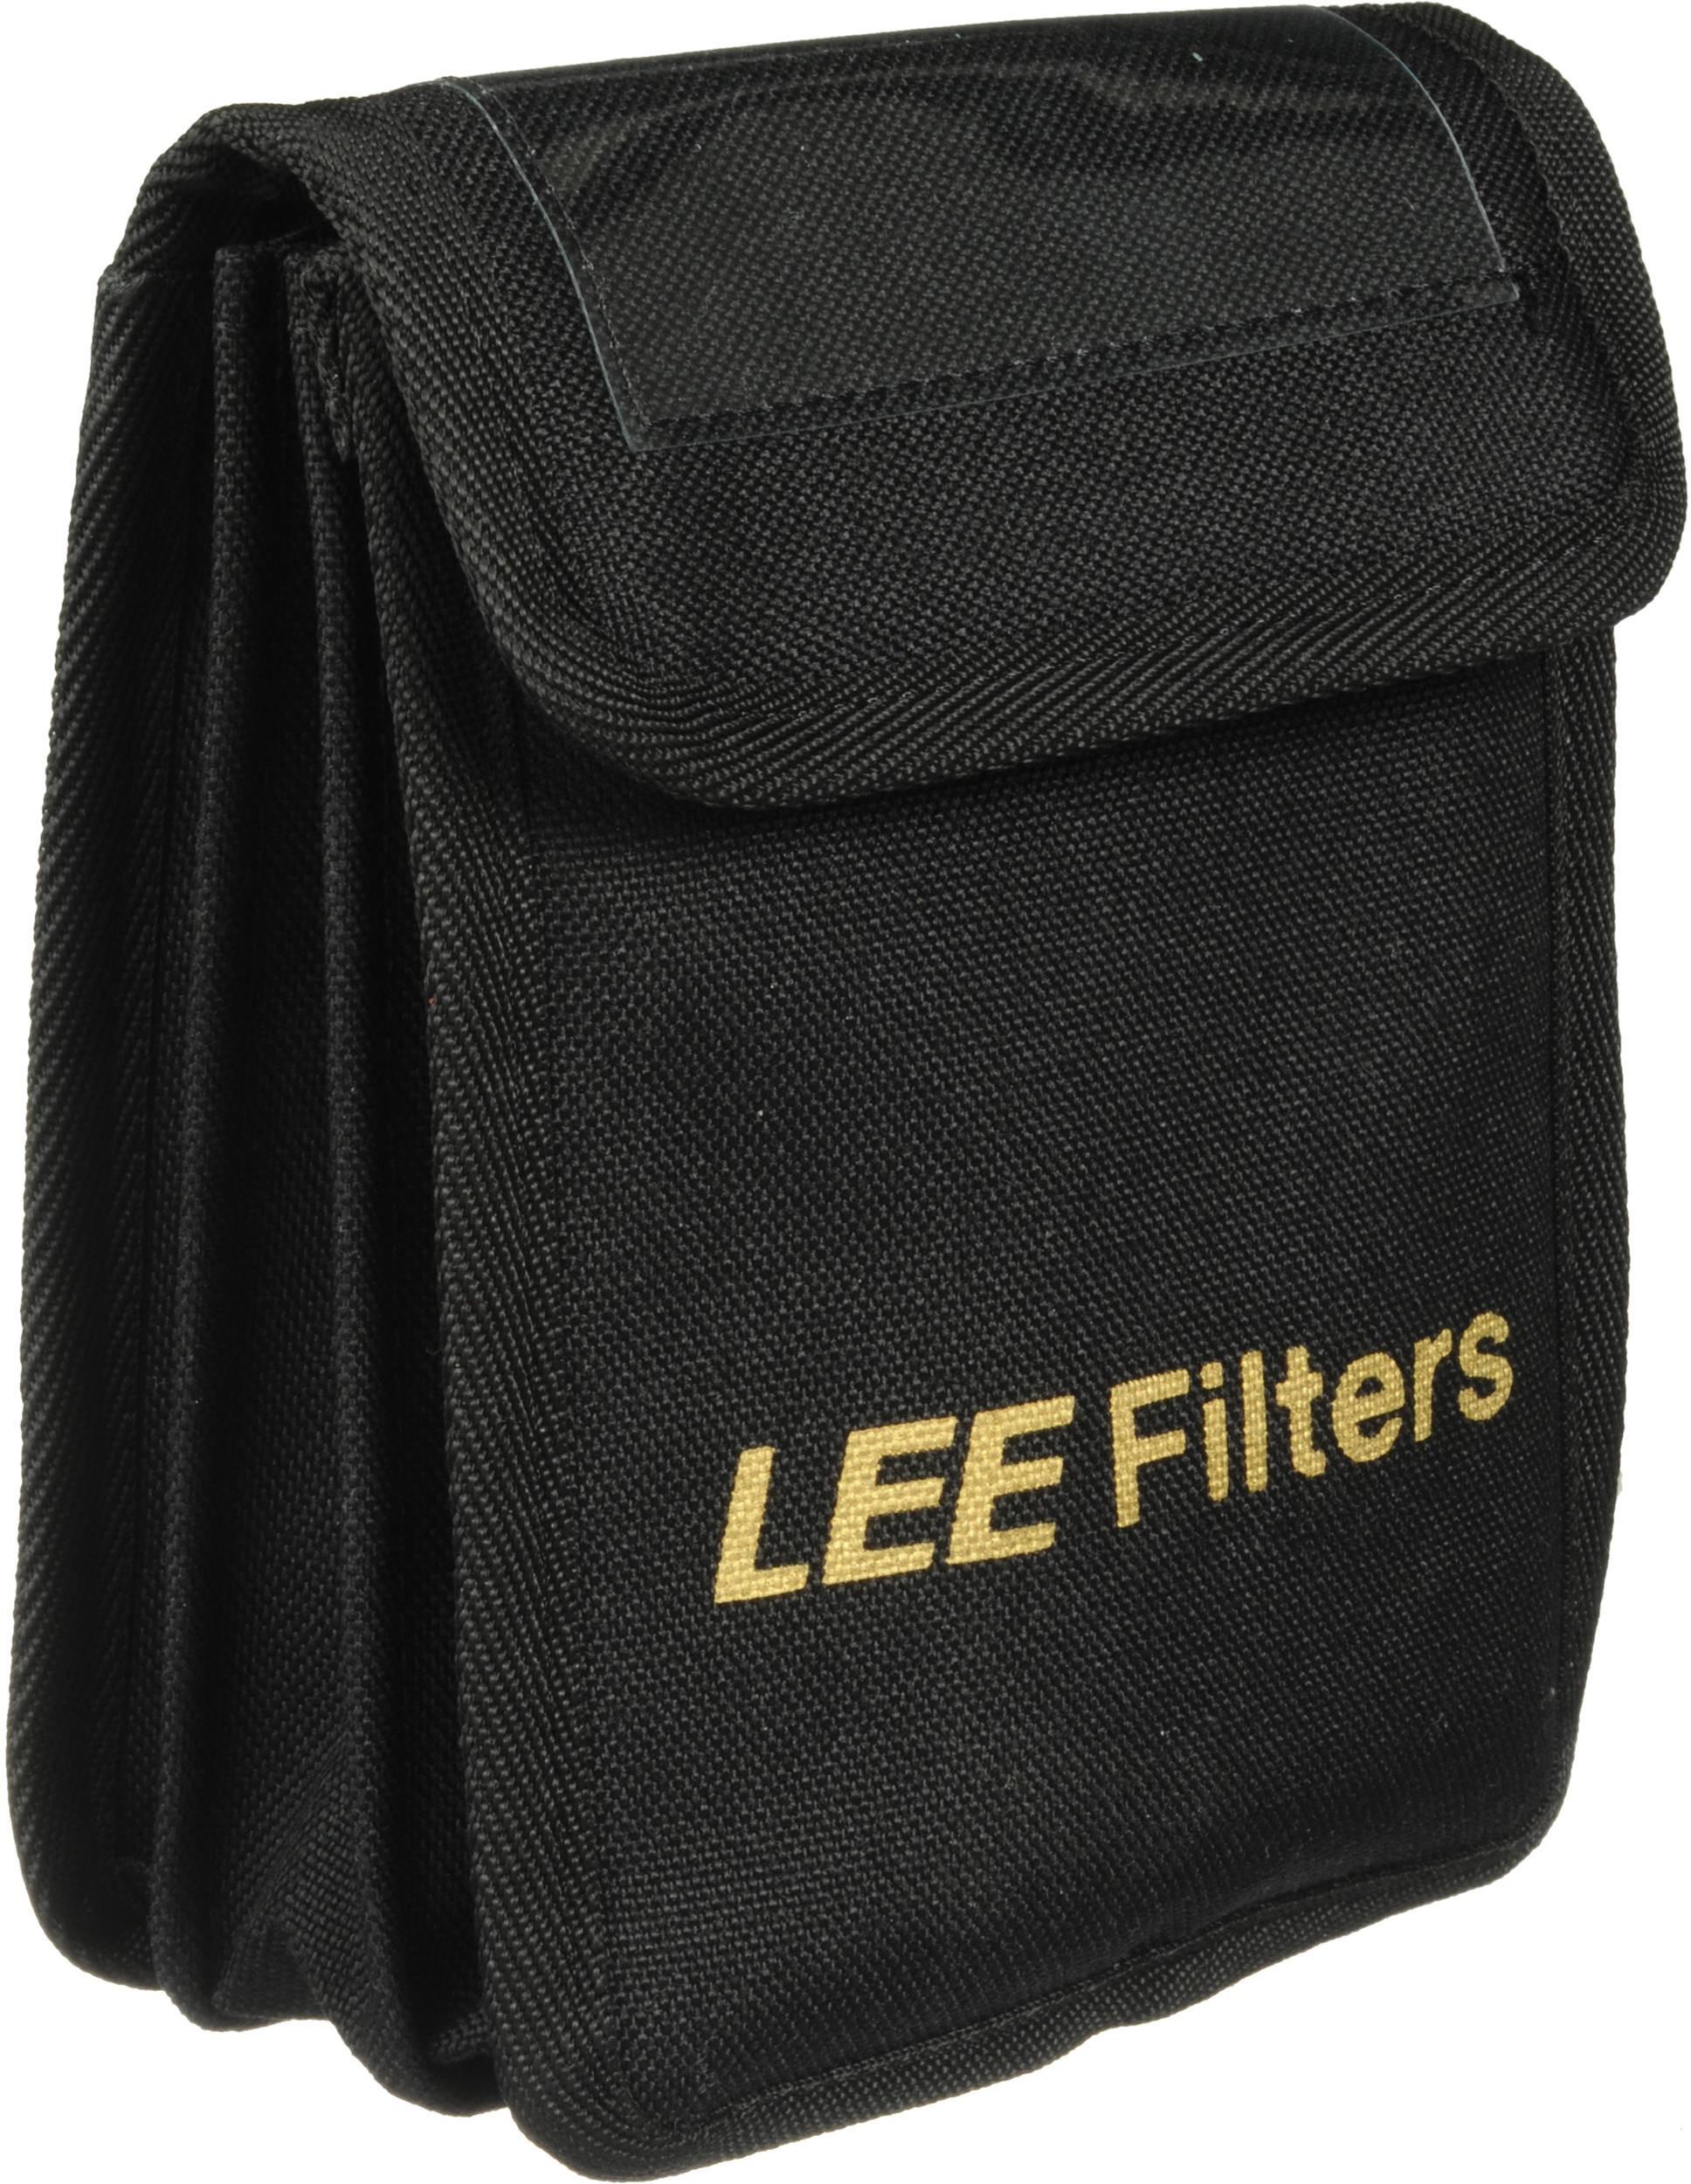 Lee filtrivutlar 3-le filtrile